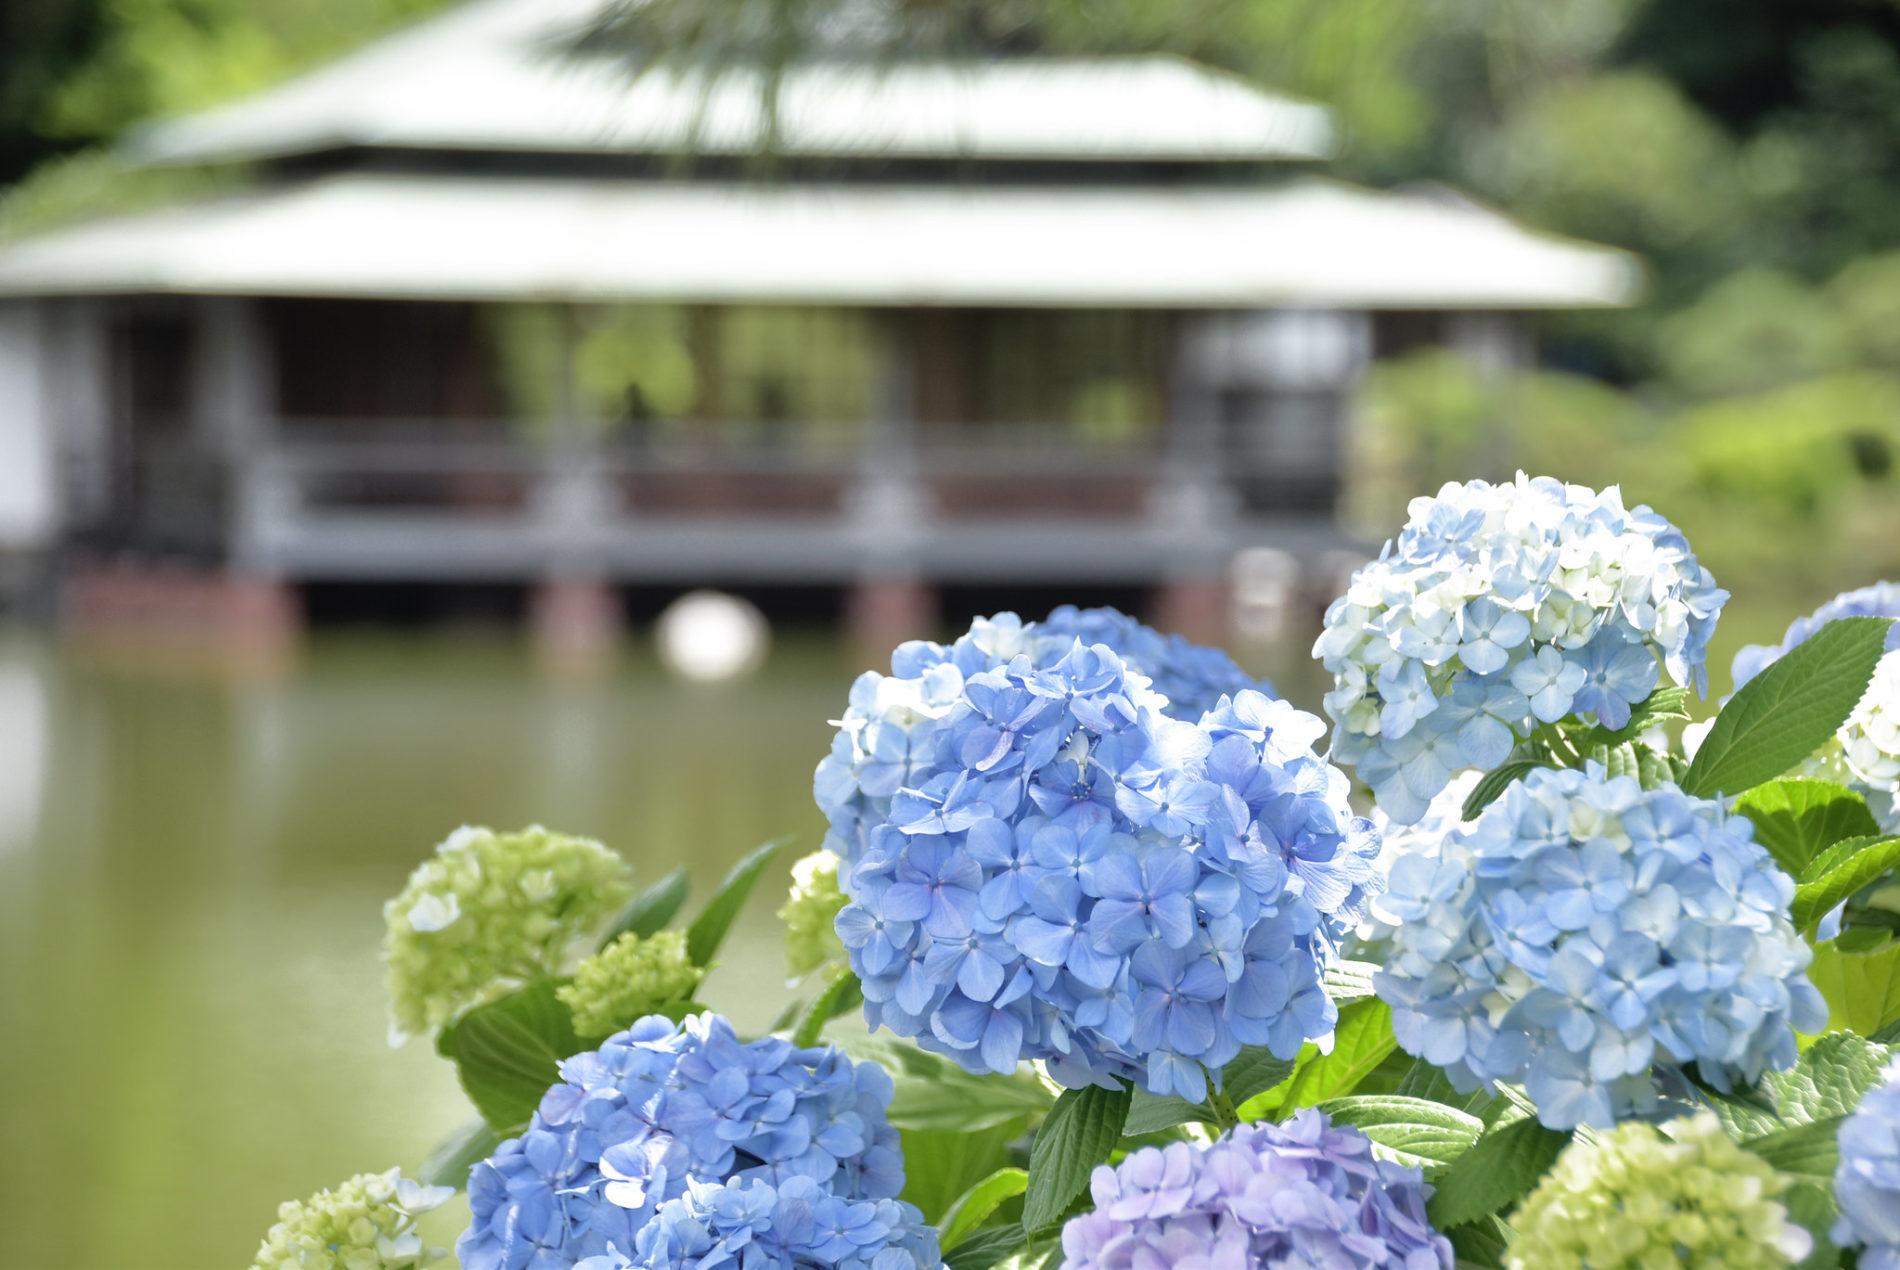 Hortensien schaut man sich in Tōkyō am besten im Kiyosumi-Garten an.